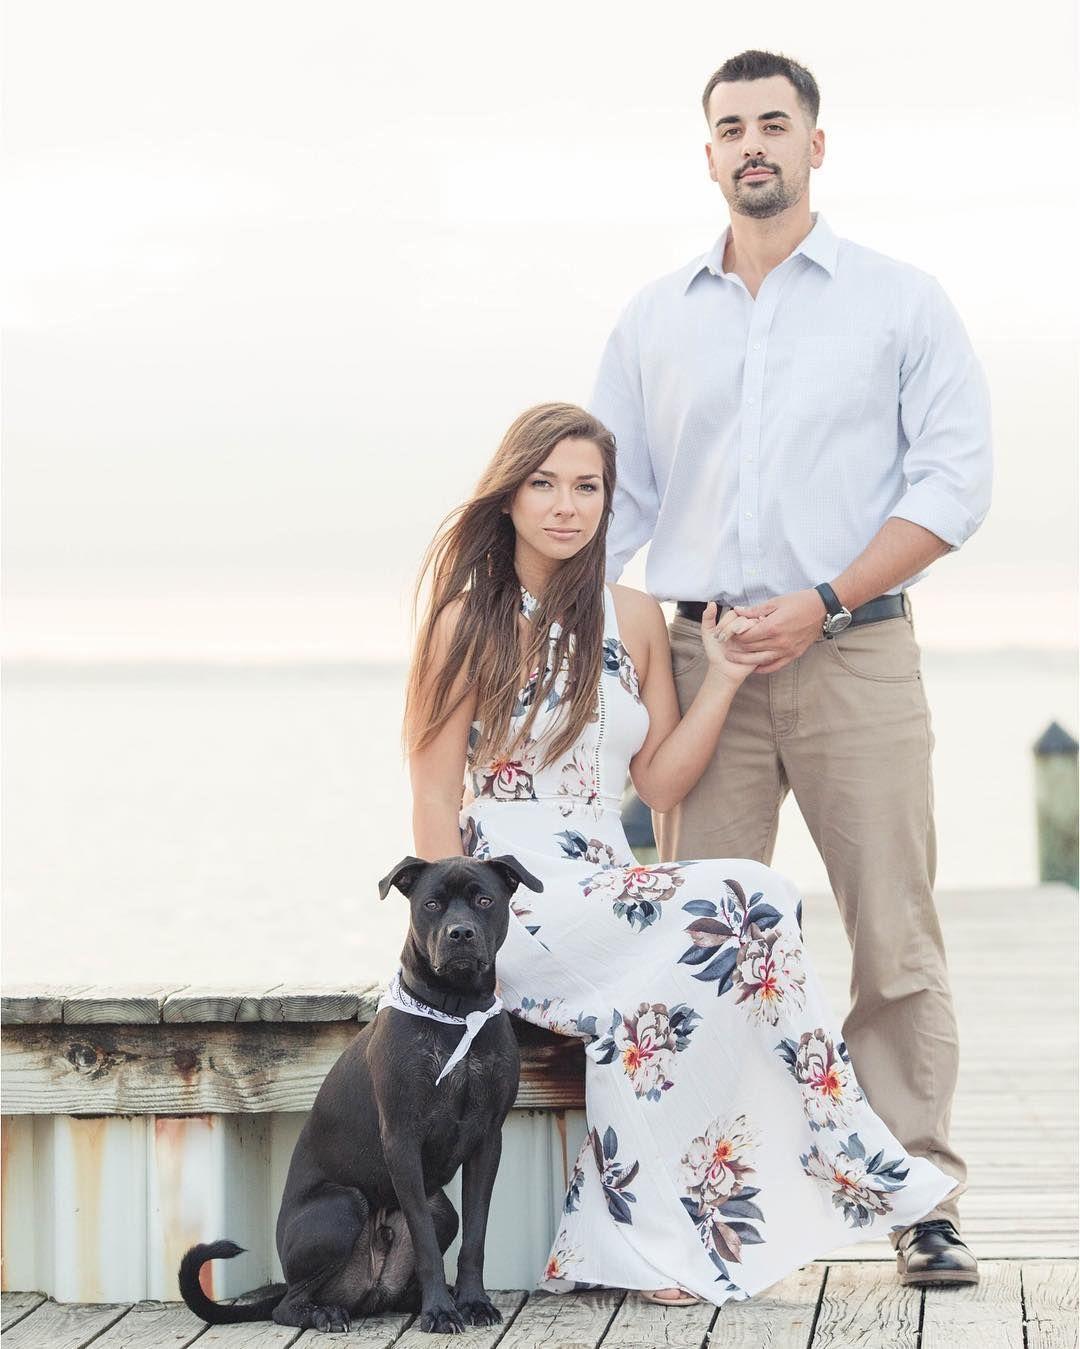 Love this image of @kaylaskwarek  Steve and their pup! He's even making the expression for the photo ;) #jkpbrides #jayekogutphotography #njphotographer #njwedding #njweddingphotographer #crystalballroom #theradisson #engaged #wereengaged #engagedaf #engagedaf #bridesmaidsmakeup #newjersey #njcouples #pupsofinstagram #dogsofinsta #pitbullpuppy #blacklabpuppy jayekogut.com